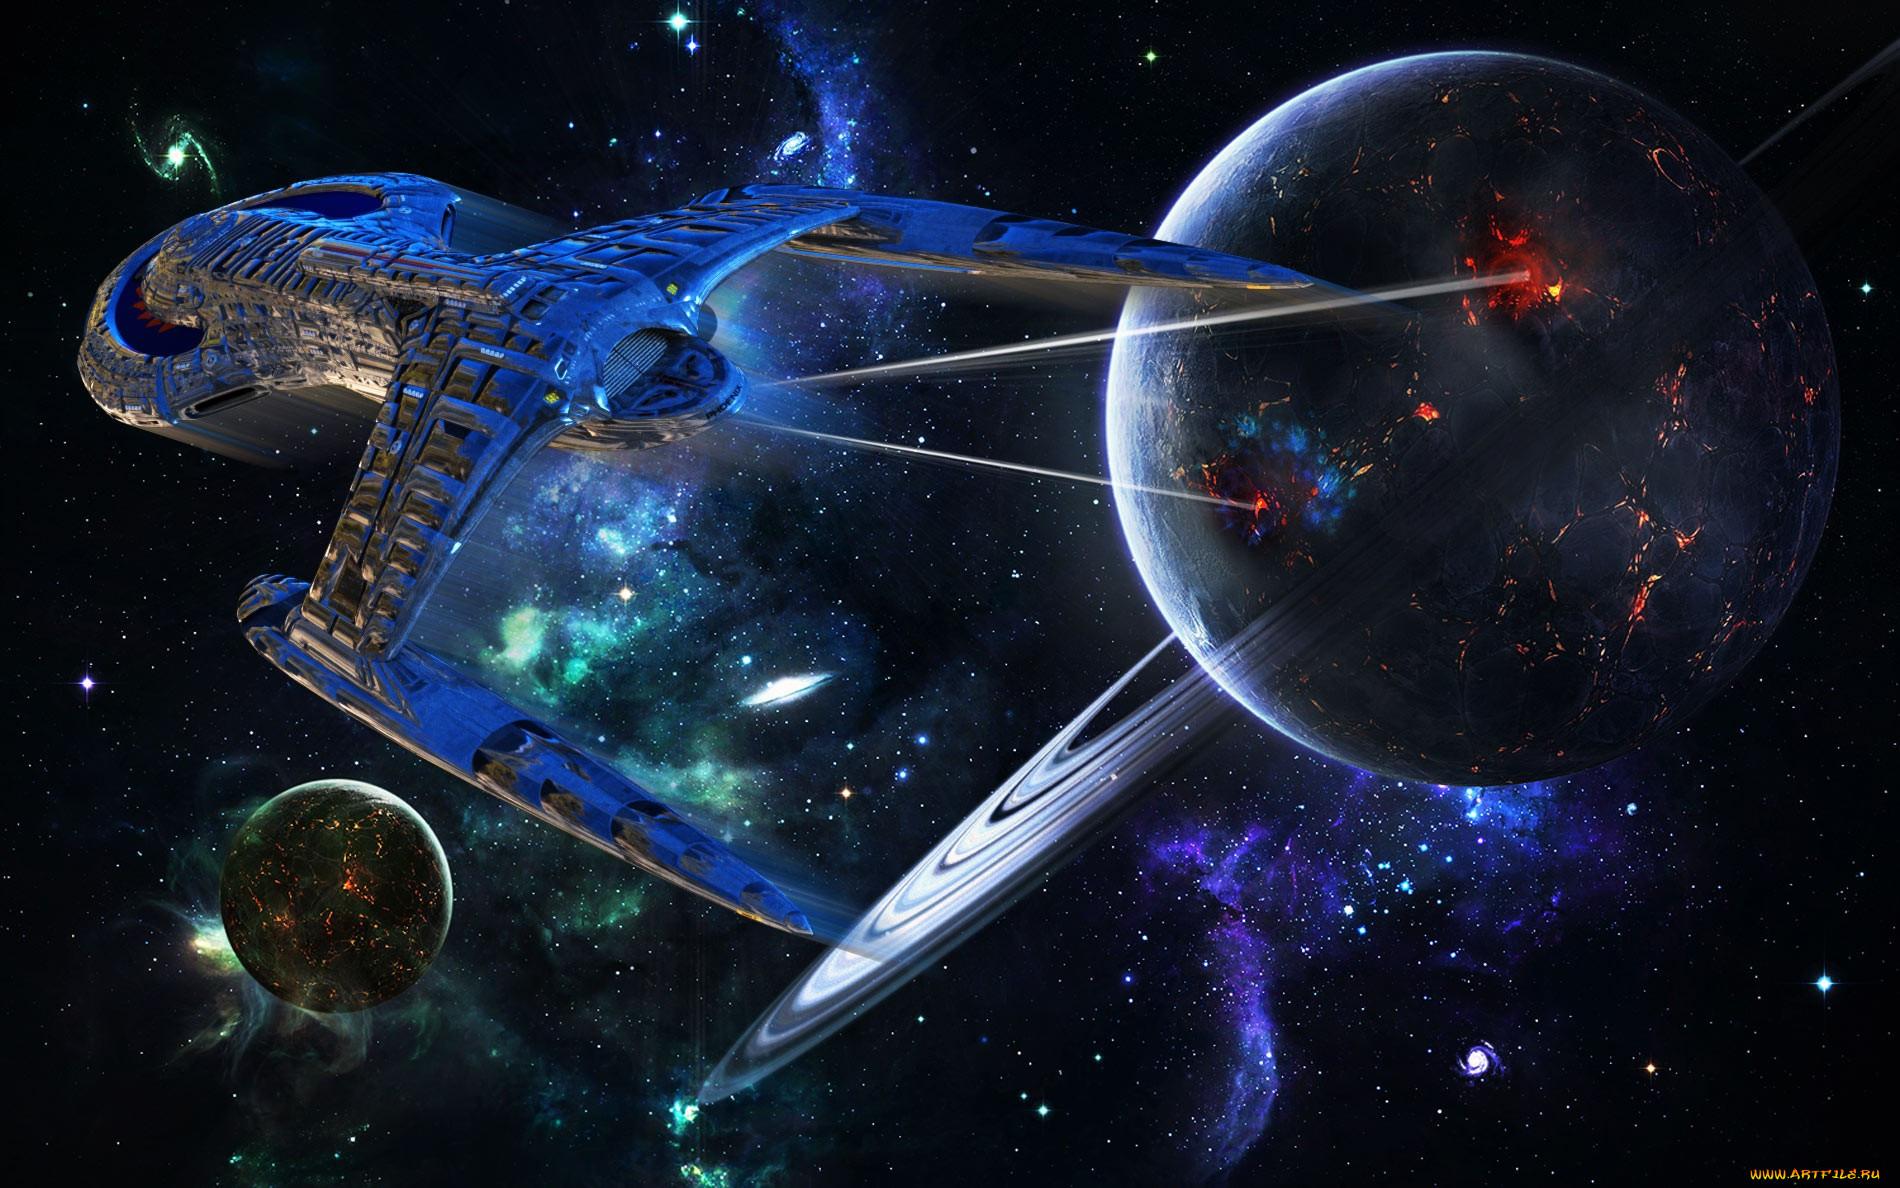 звездолеты космос картинки публицист признался